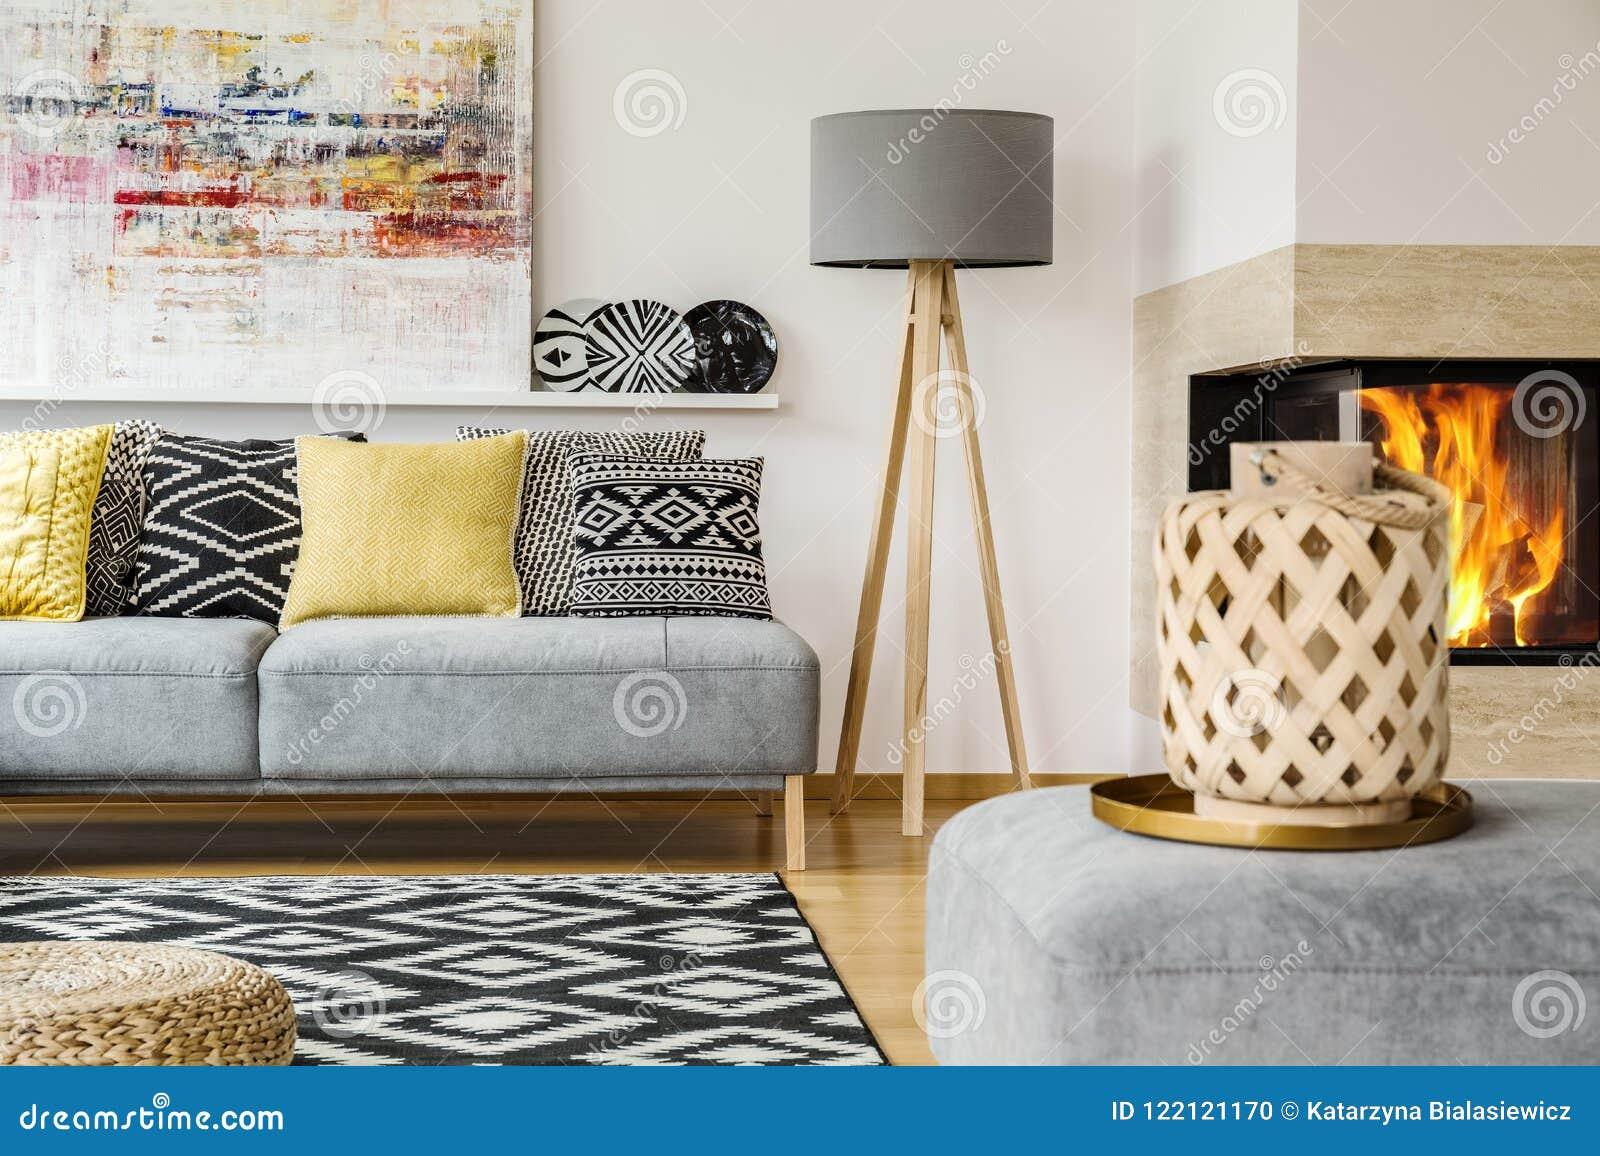 Verkligt foto av en soffa med kuddar som står bredvid en lampa och ett b